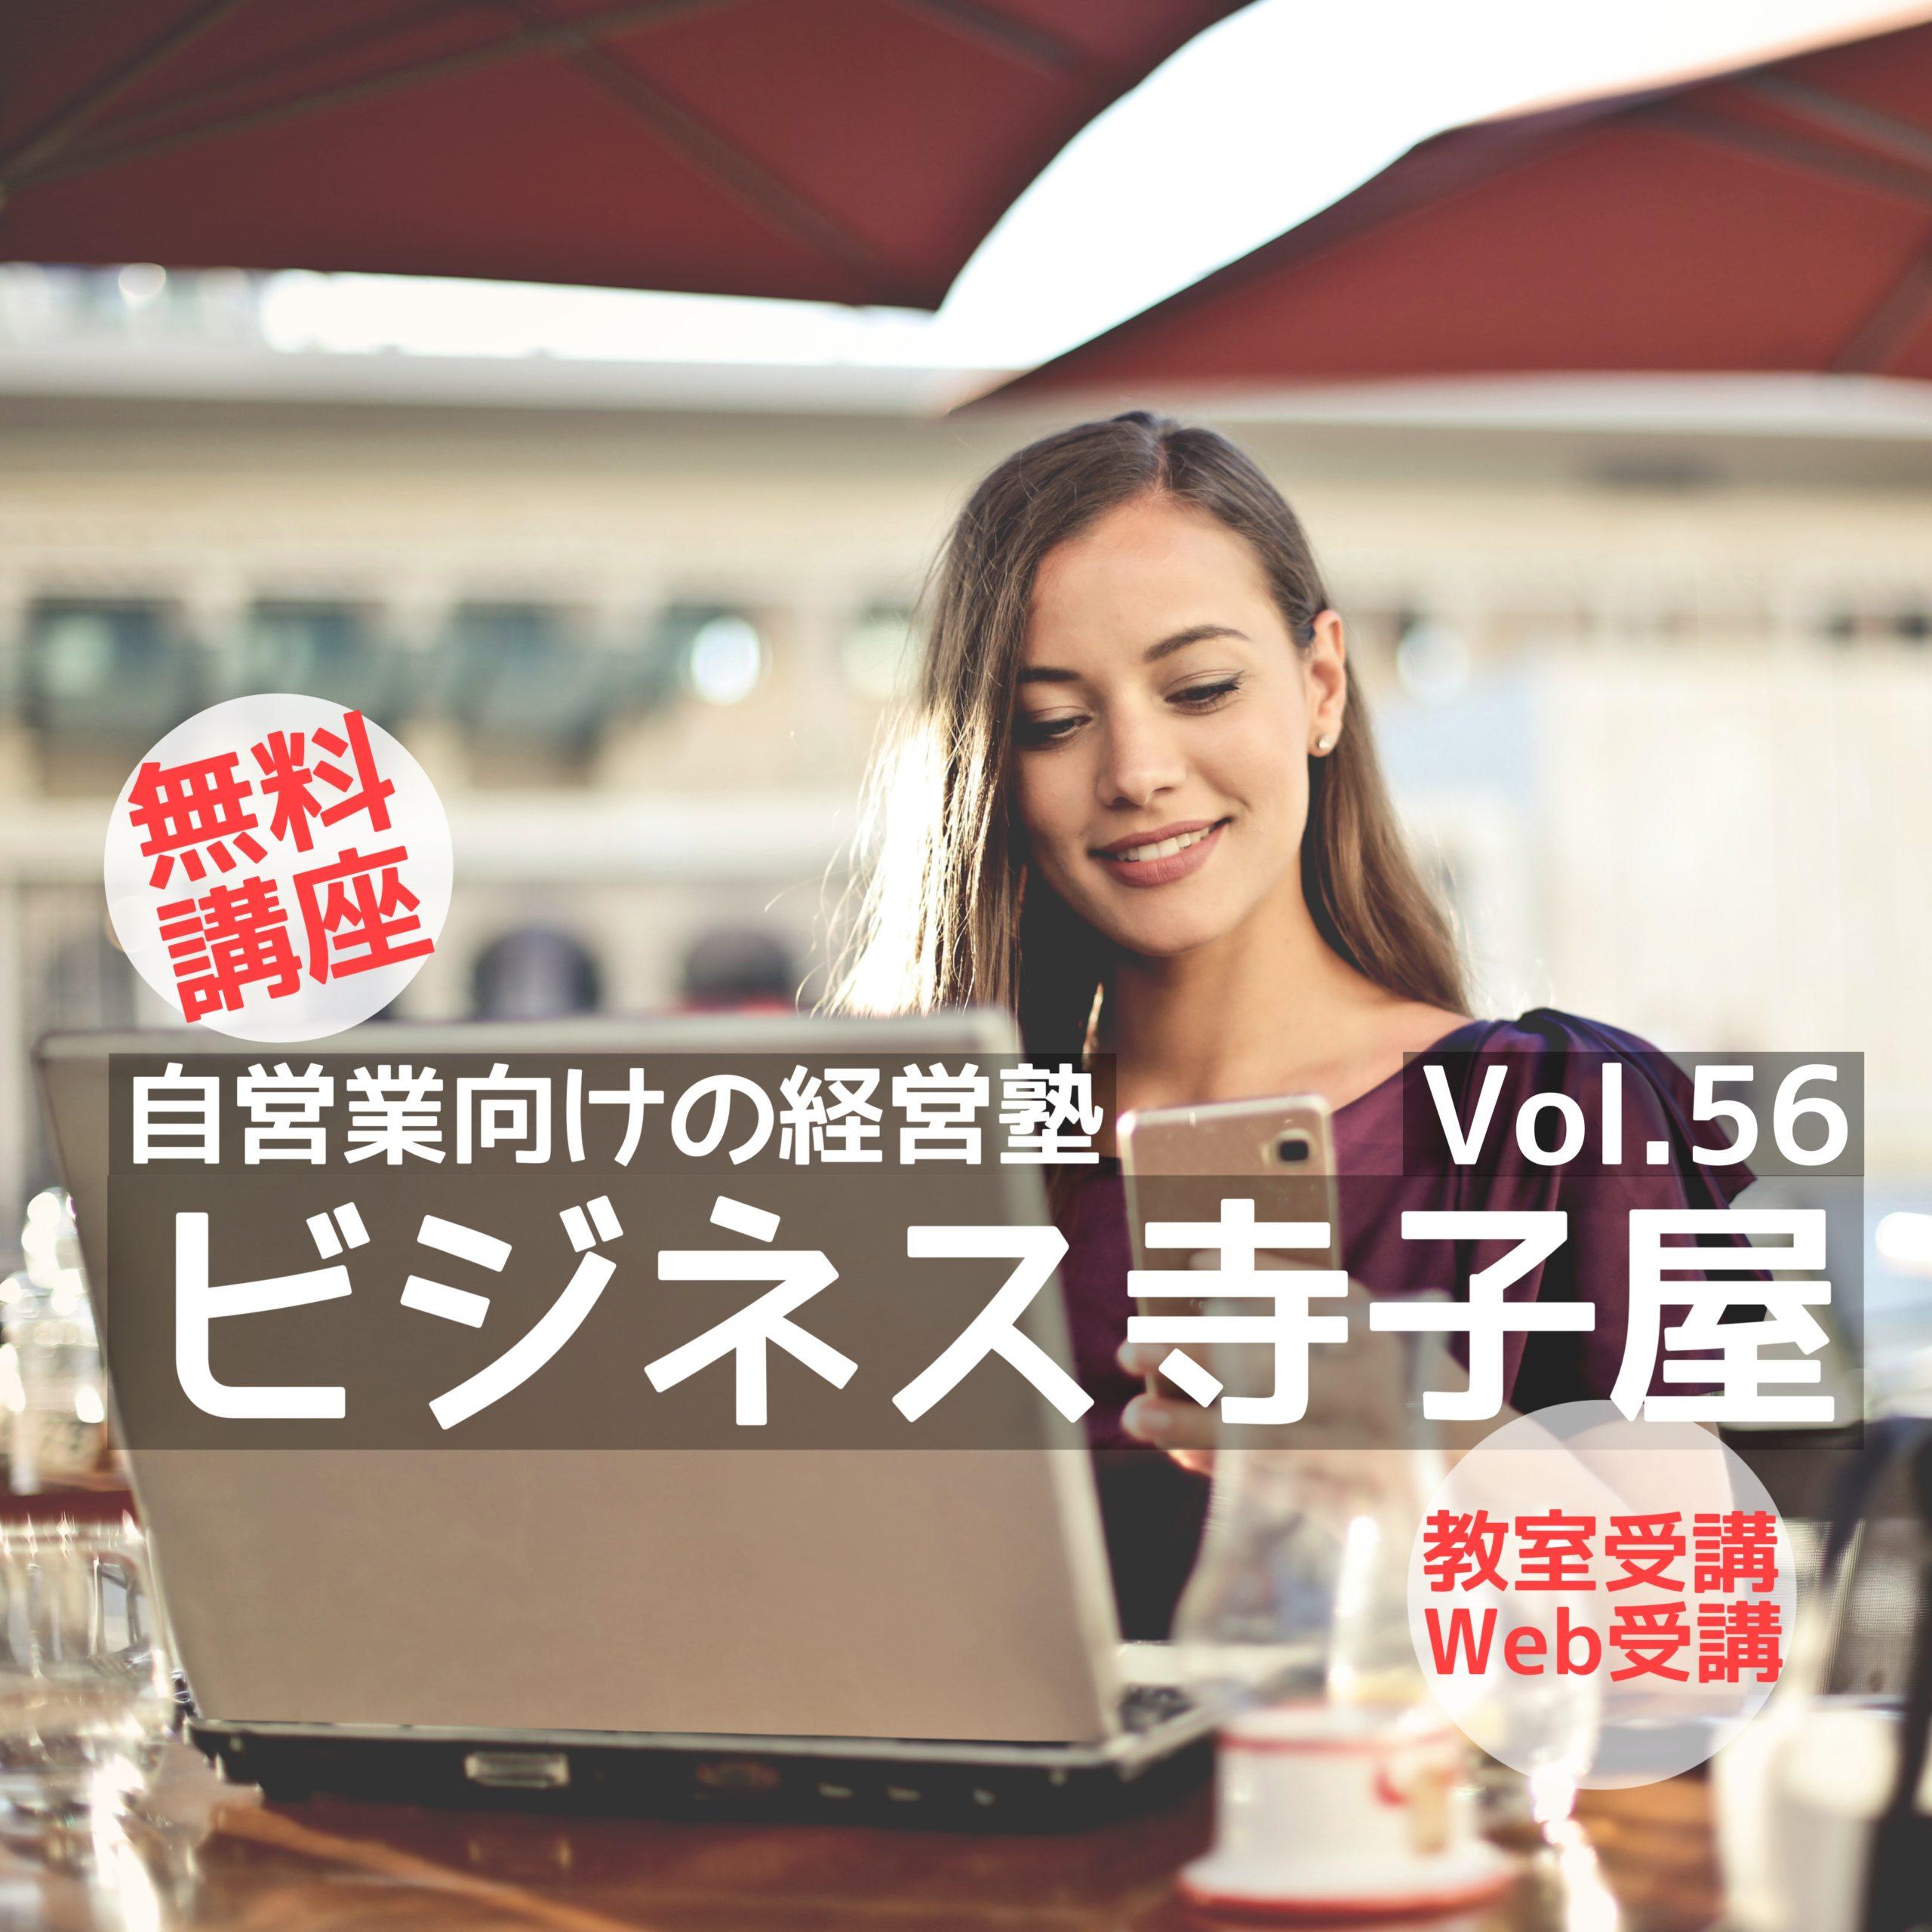 終了しました「ビジネス寺子屋vol.56」~自営業向け経営塾~